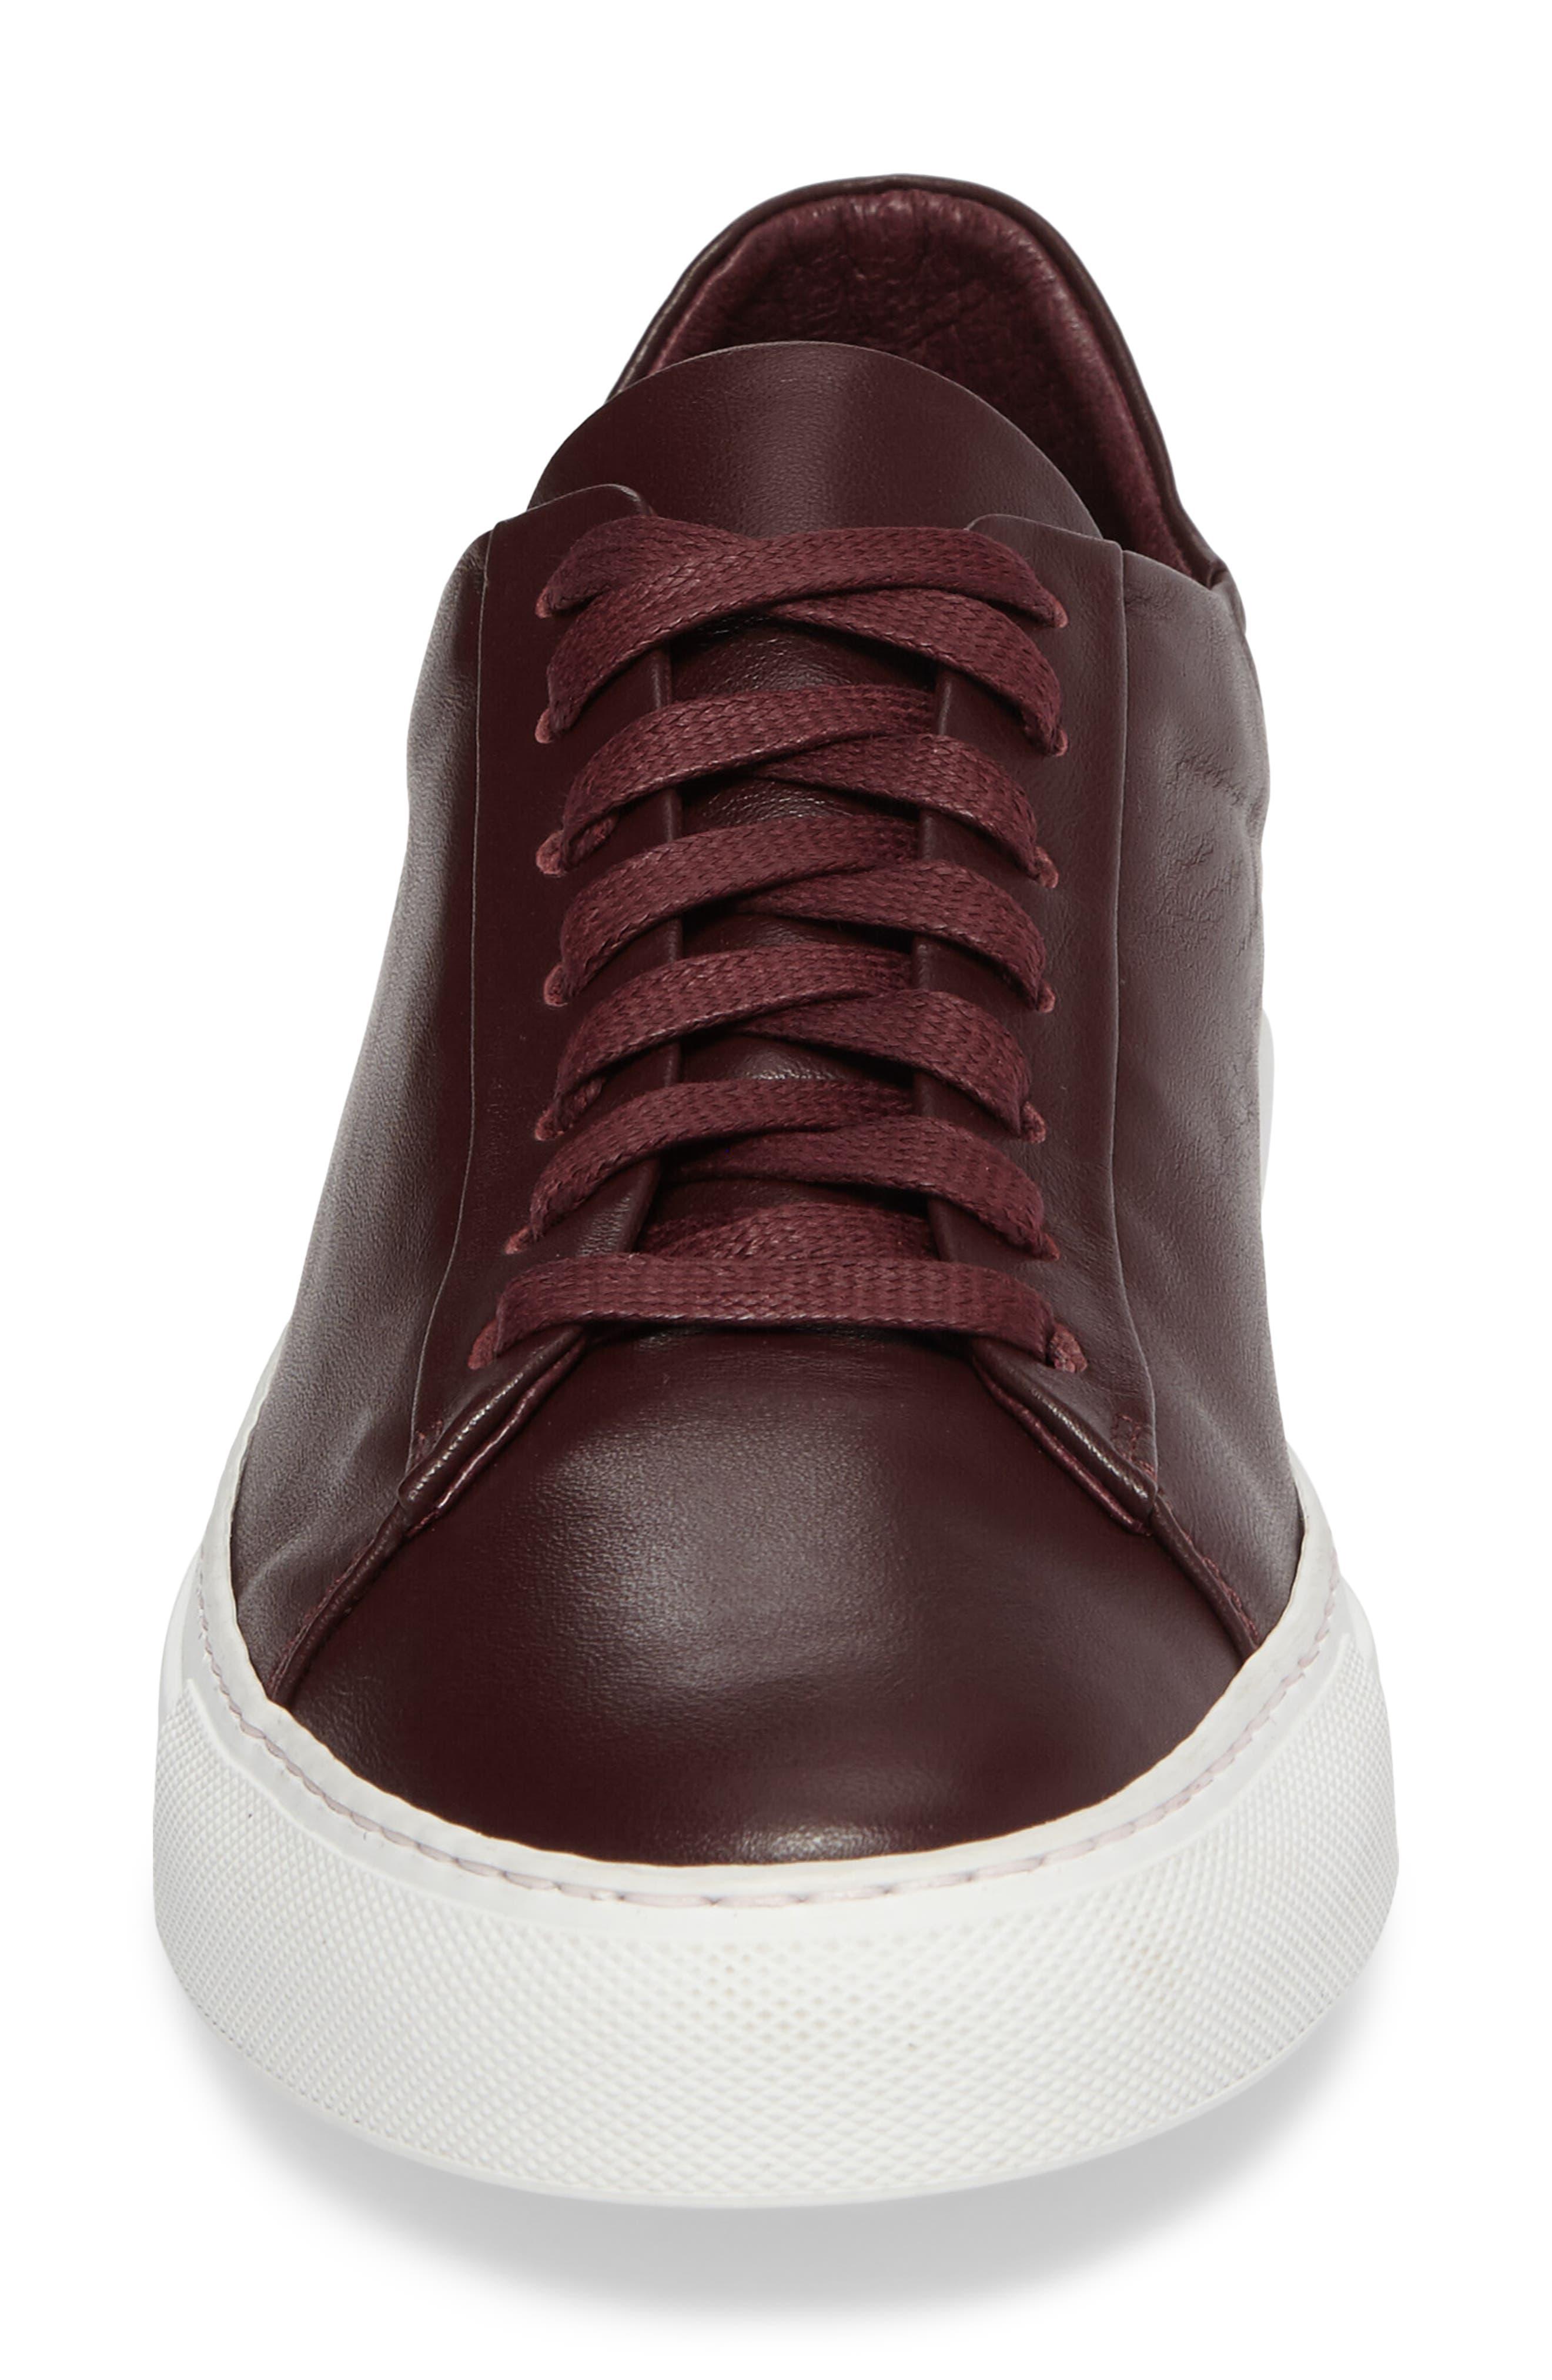 Court Sneaker,                             Alternate thumbnail 11, color,